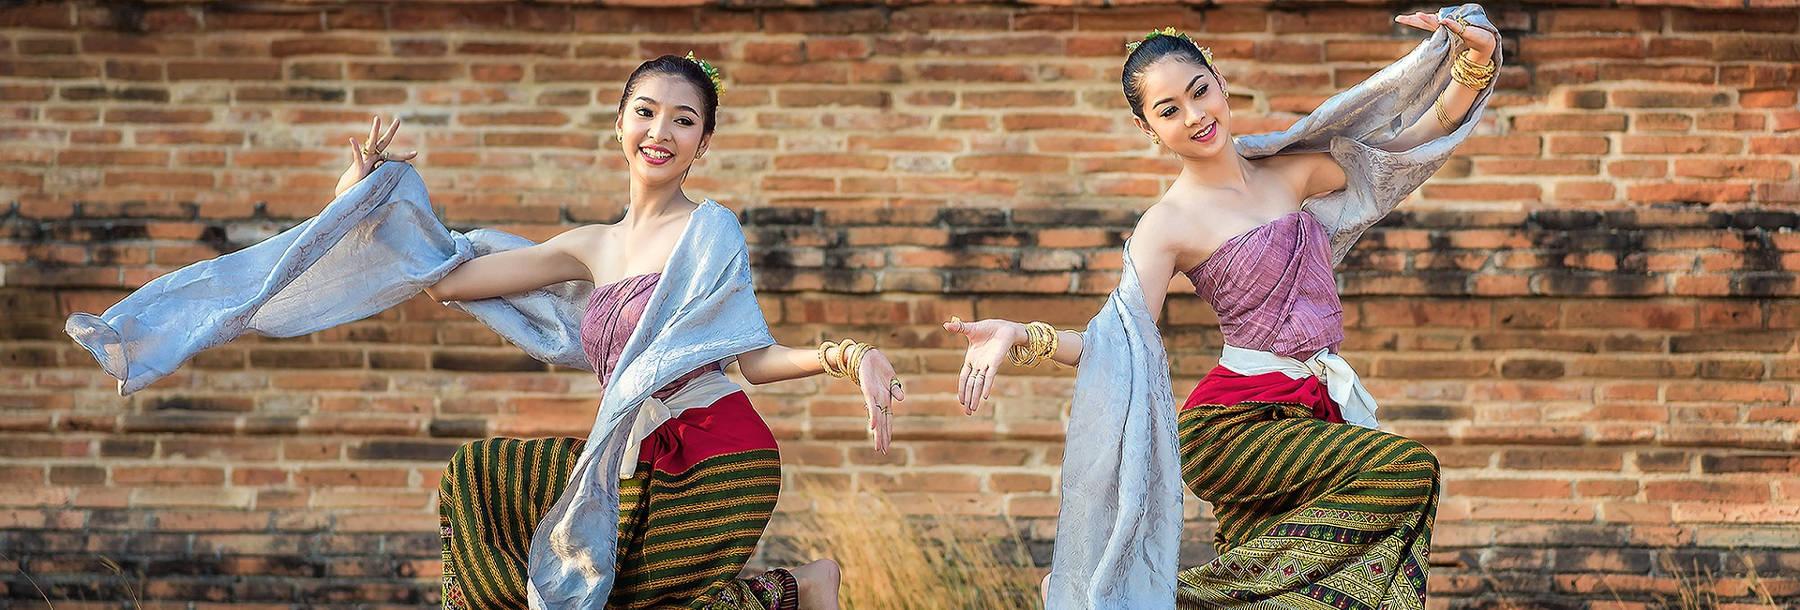 reise thailand buchen